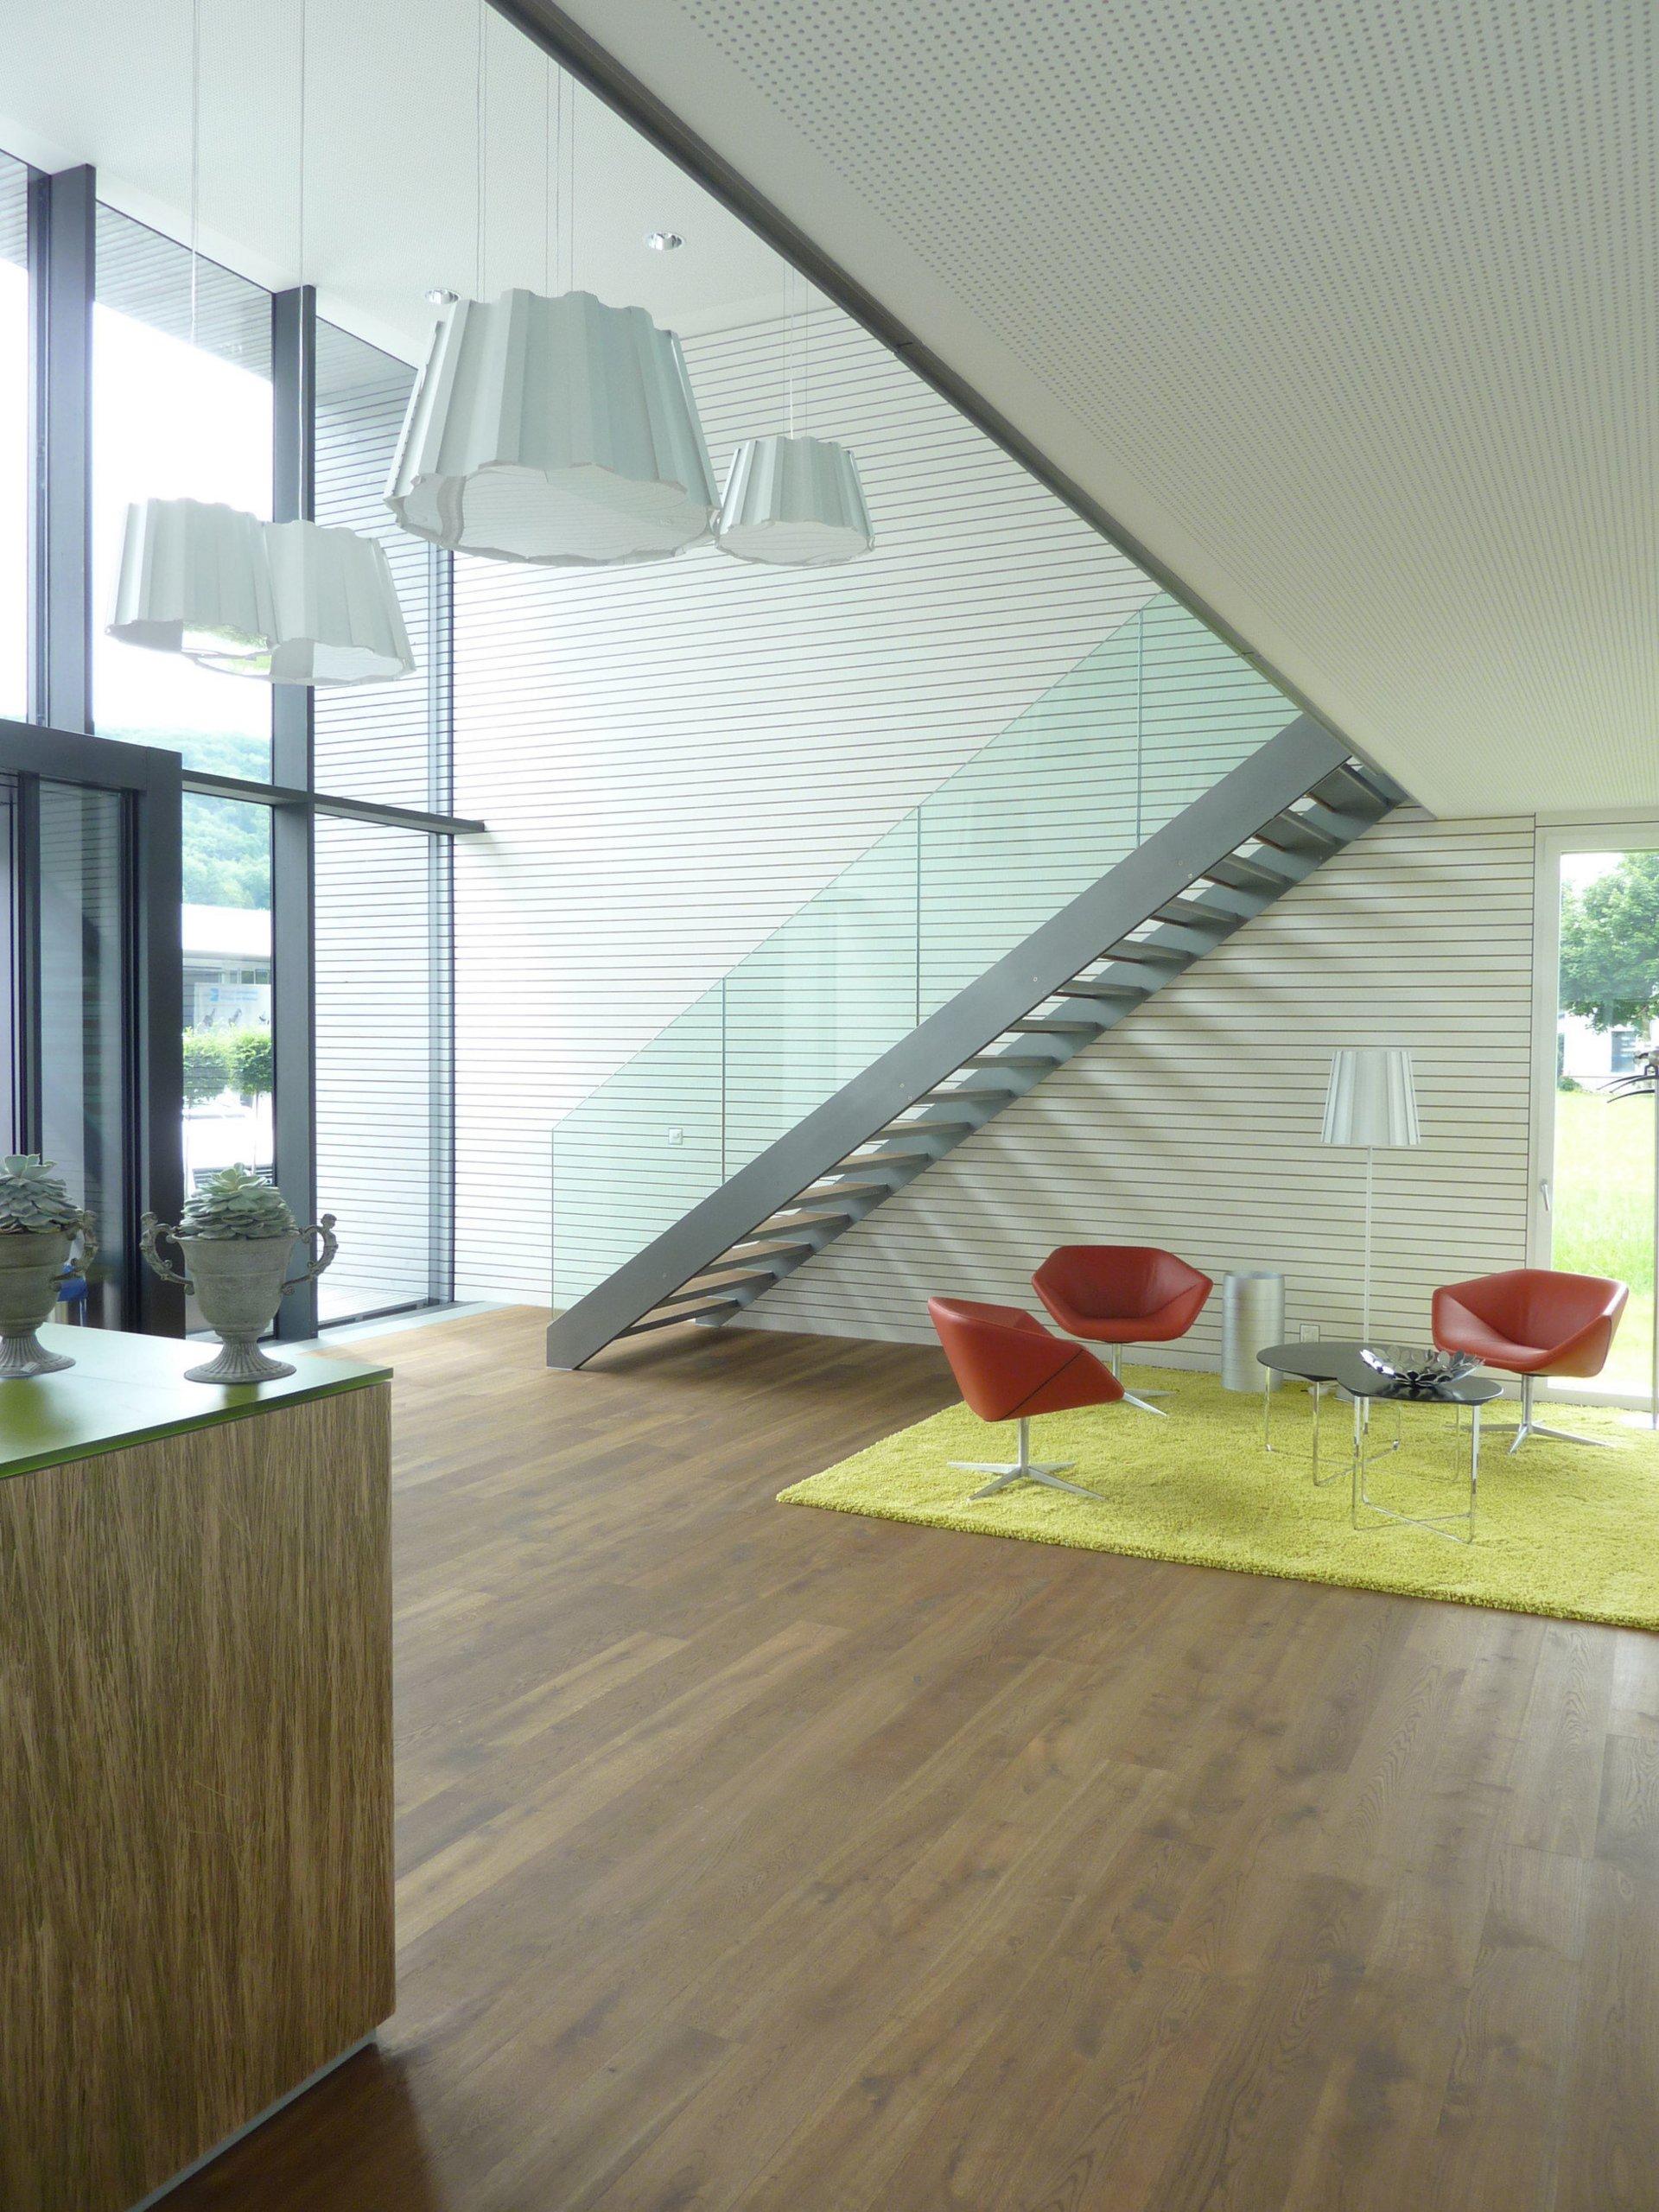 Bürogebäude Foyer mit Wartebereich in modernem Design